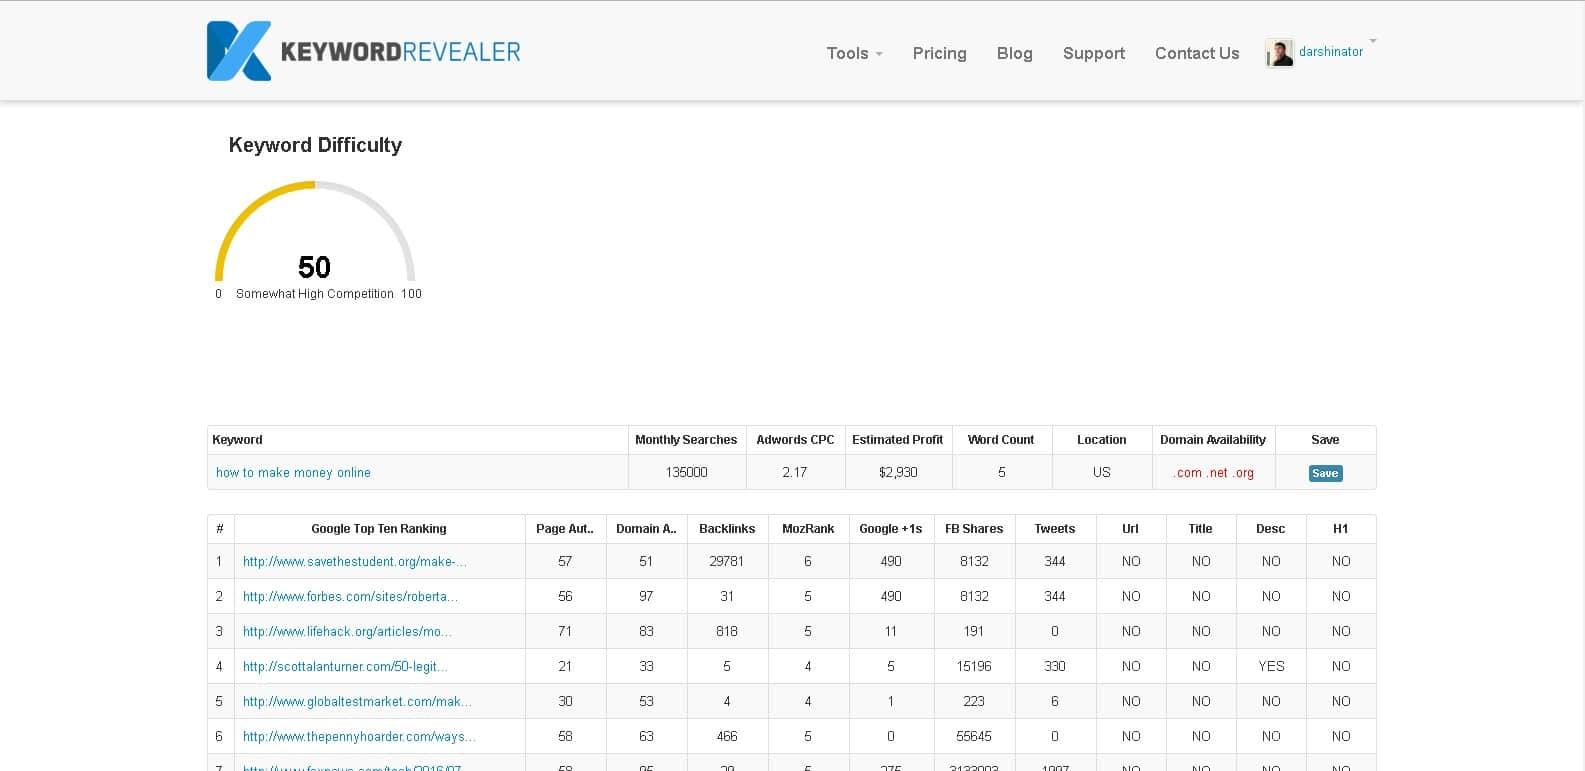 keyword revealer keyword tool difficulty ranker results